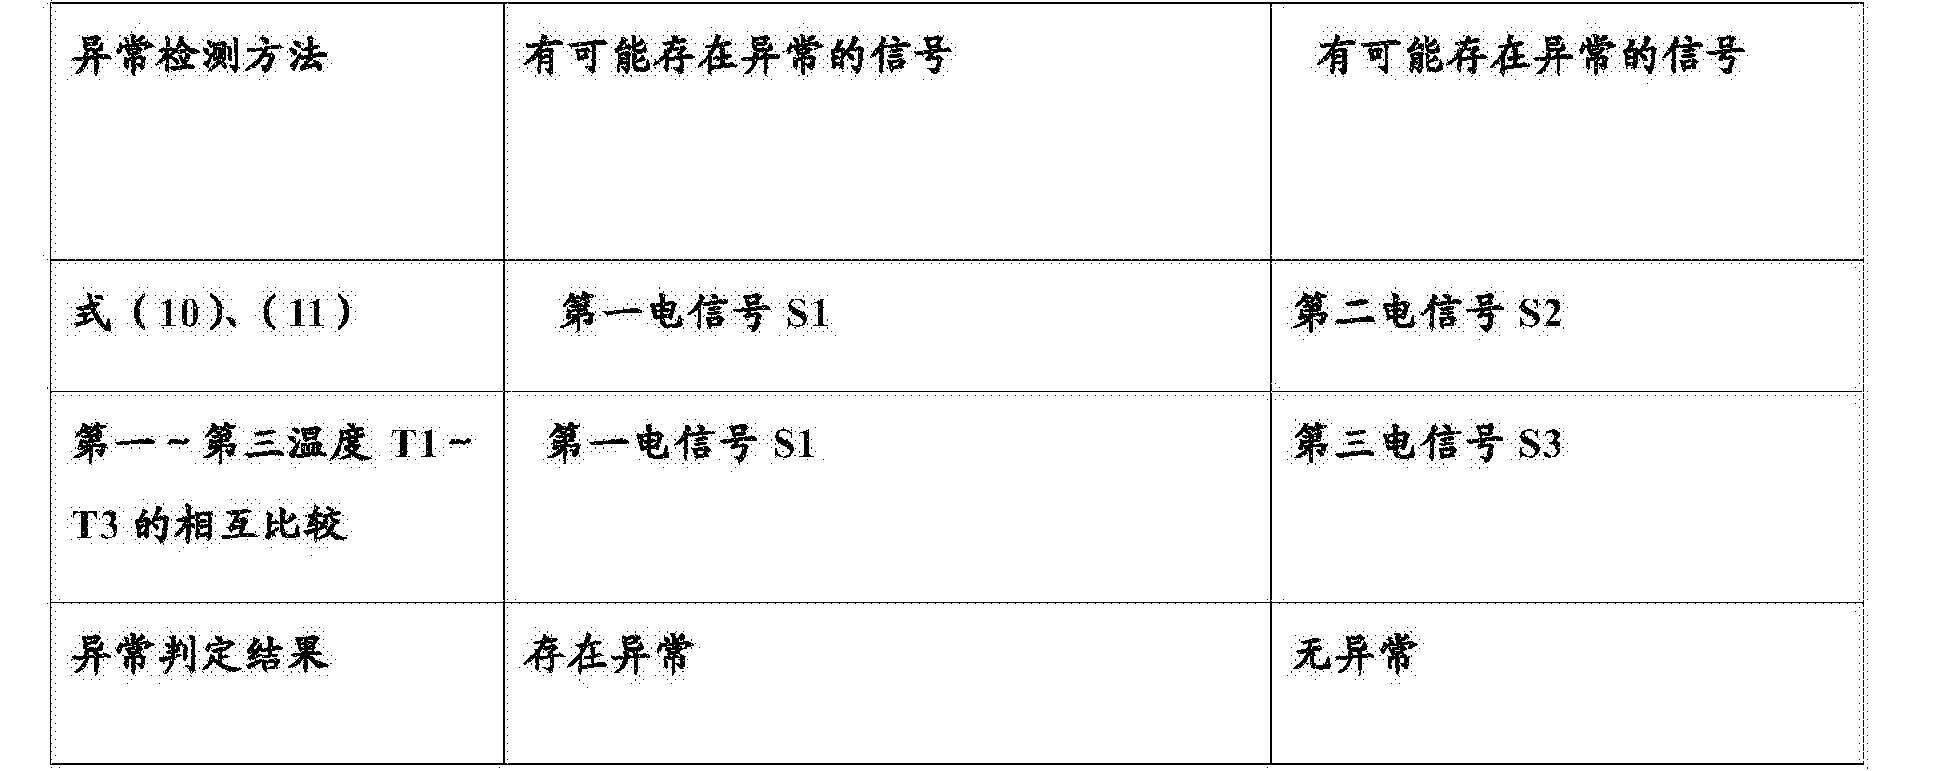 Figure CN103913189BD00101